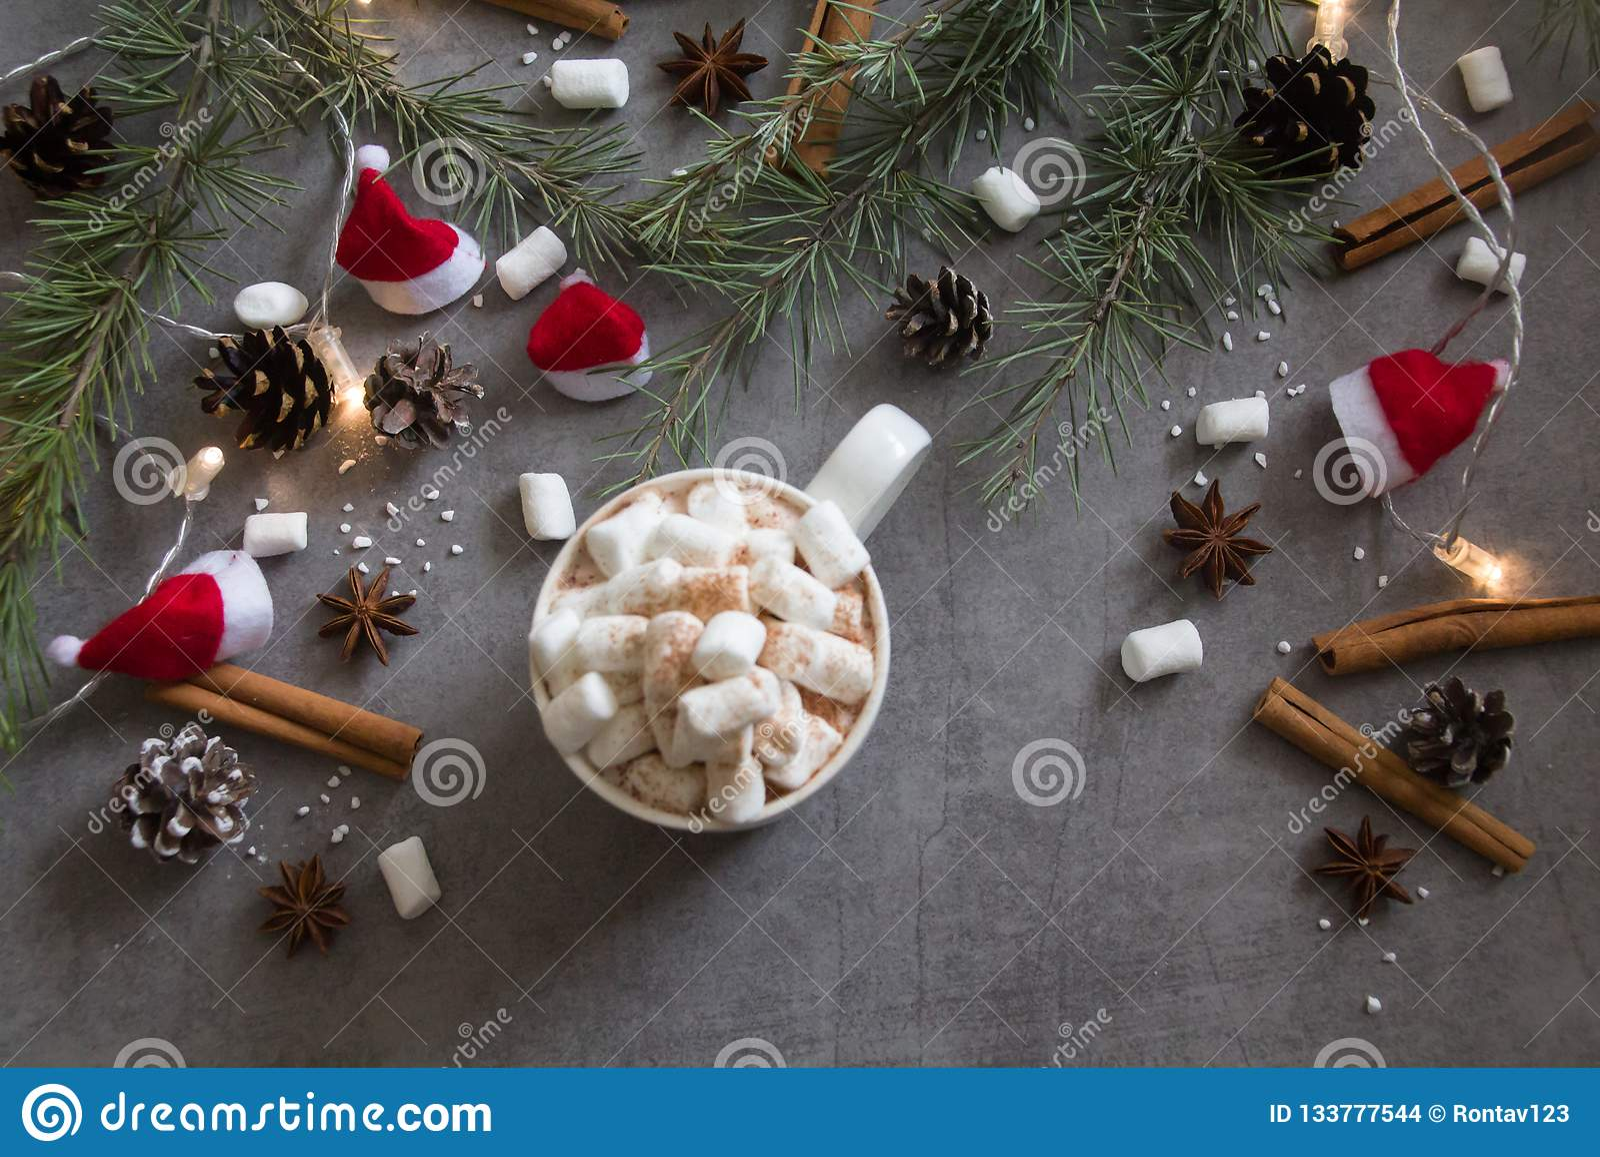 Τοπ άποψη του καυτά φλυτζανιού και marshmallows σοκολάτας στο γκρίζο κλίμα με το θέμα Χριστουγέννων